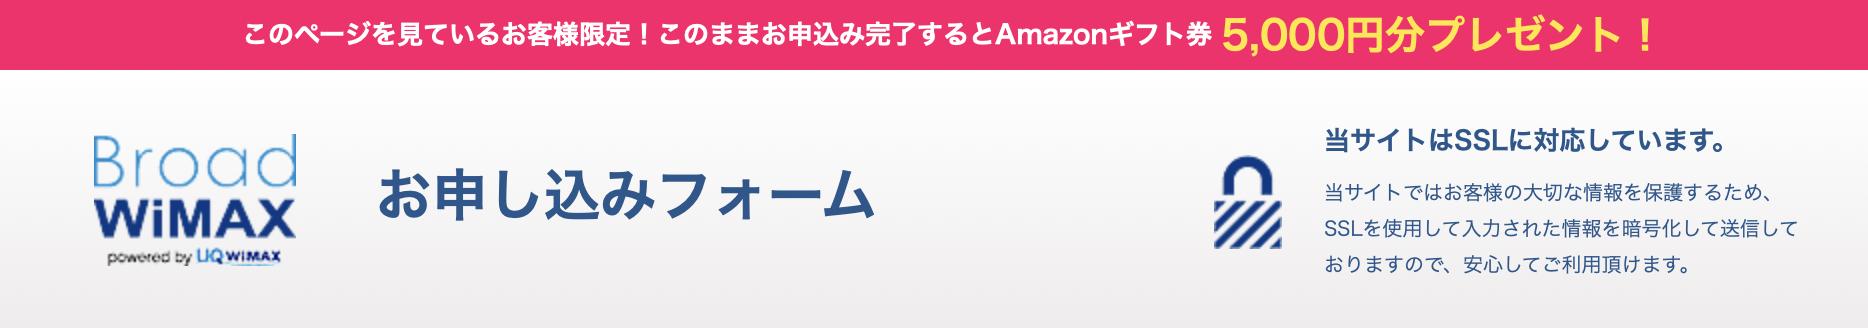 BroadWiMAX(ブロードワイマックス)のAmazon(アマゾン)ギフト券キャンペーン申し込み画面